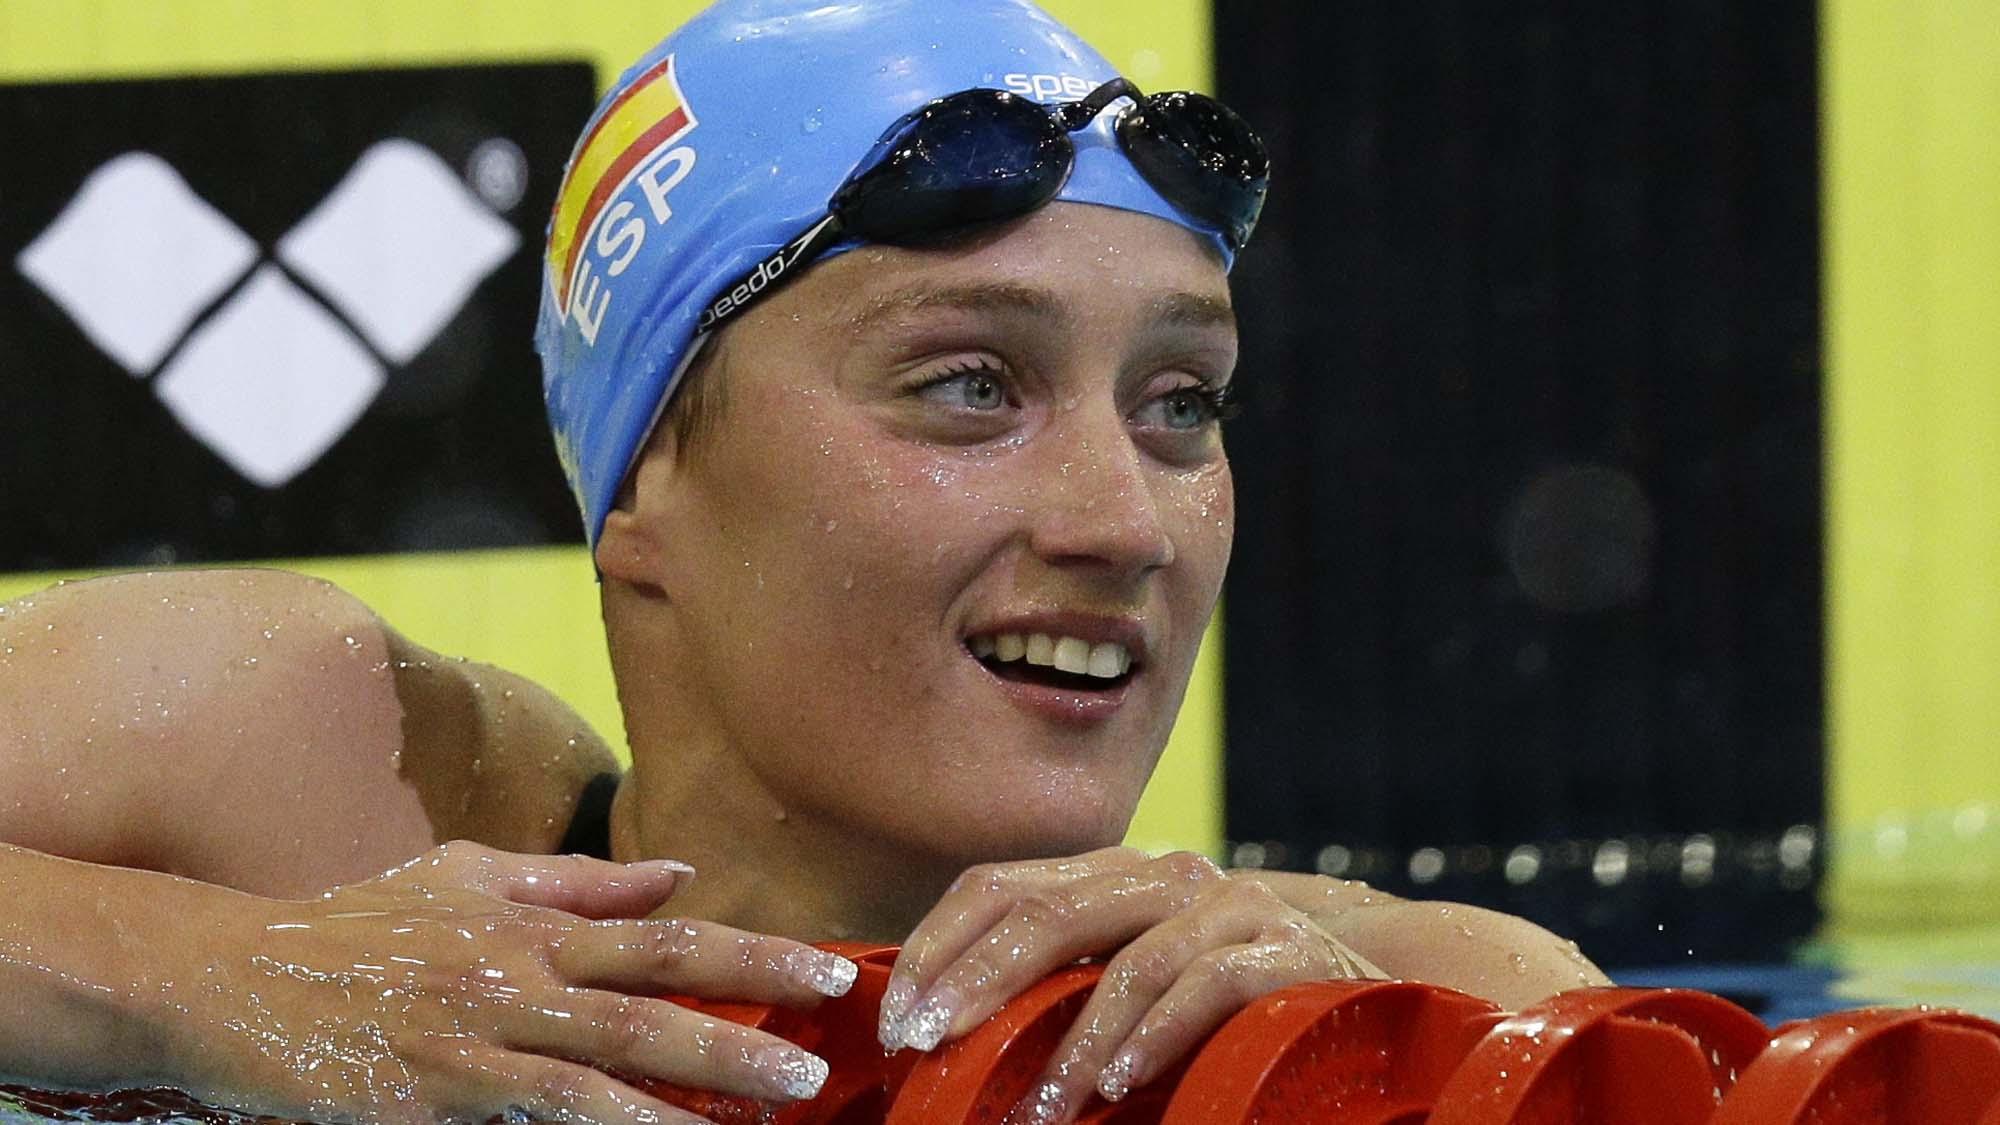 En una semana logra obtener cinco medallas impecables en las presentaciones realizadas en Moscú y Berlín